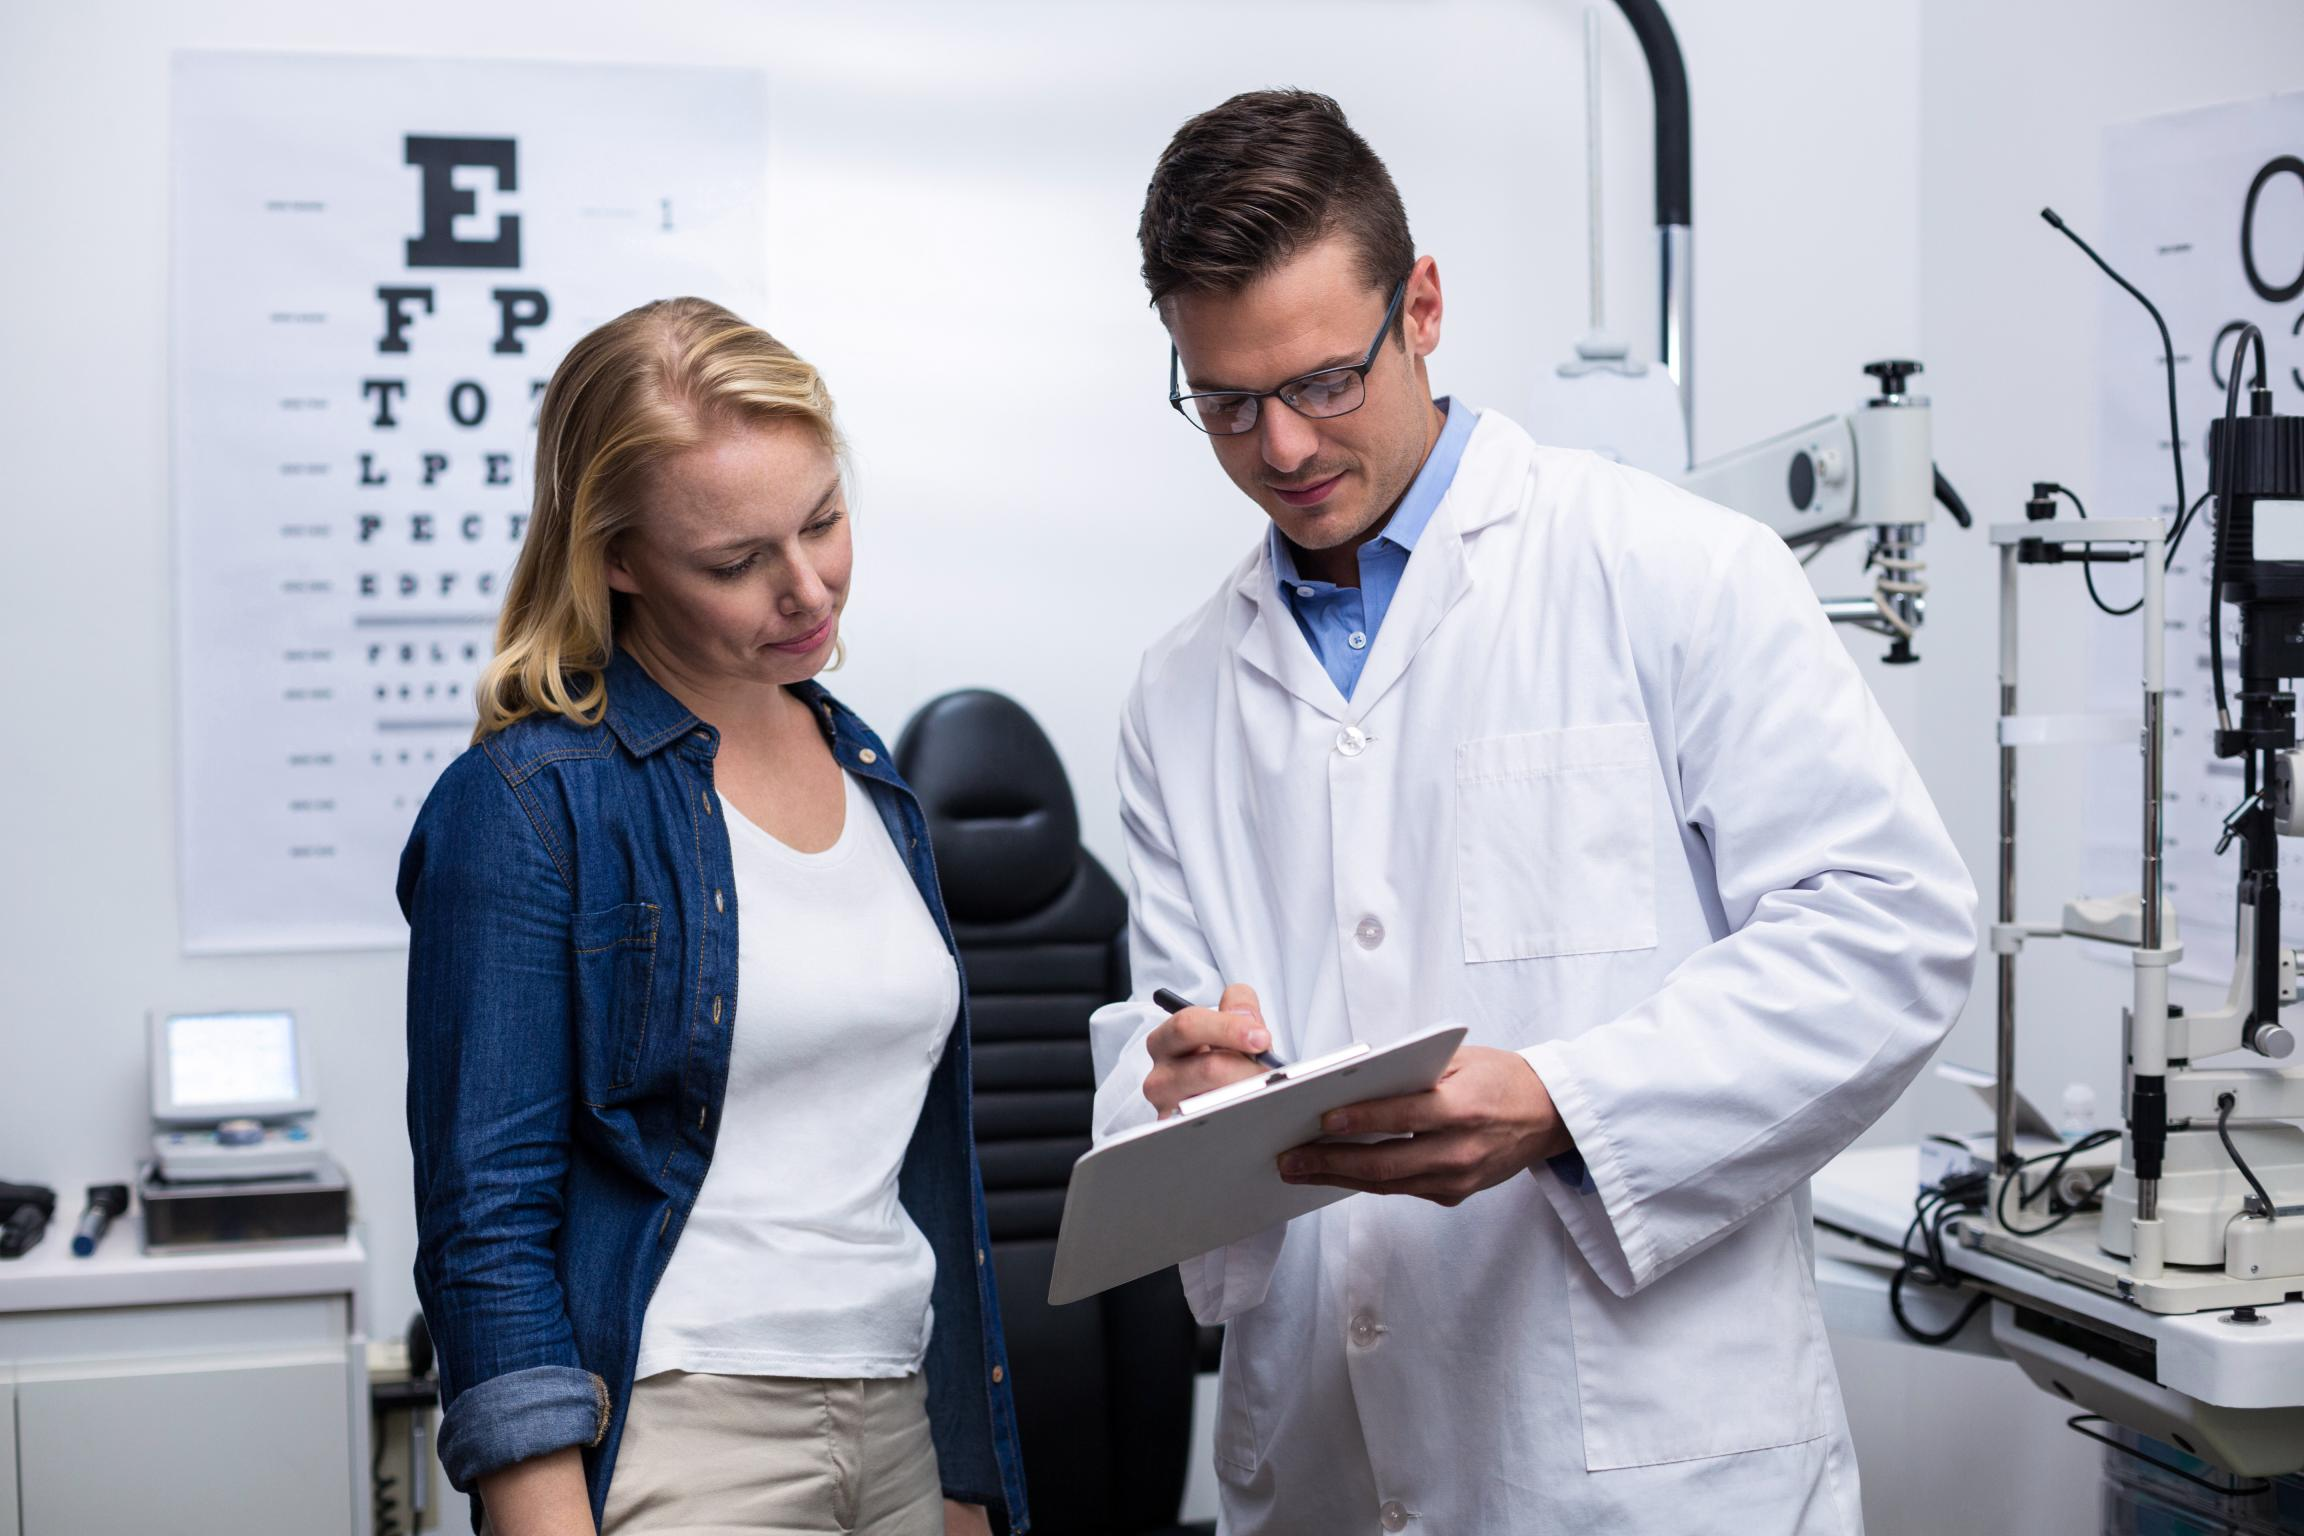 שירותי רפואת עיניים - מרפאת EYE CARE